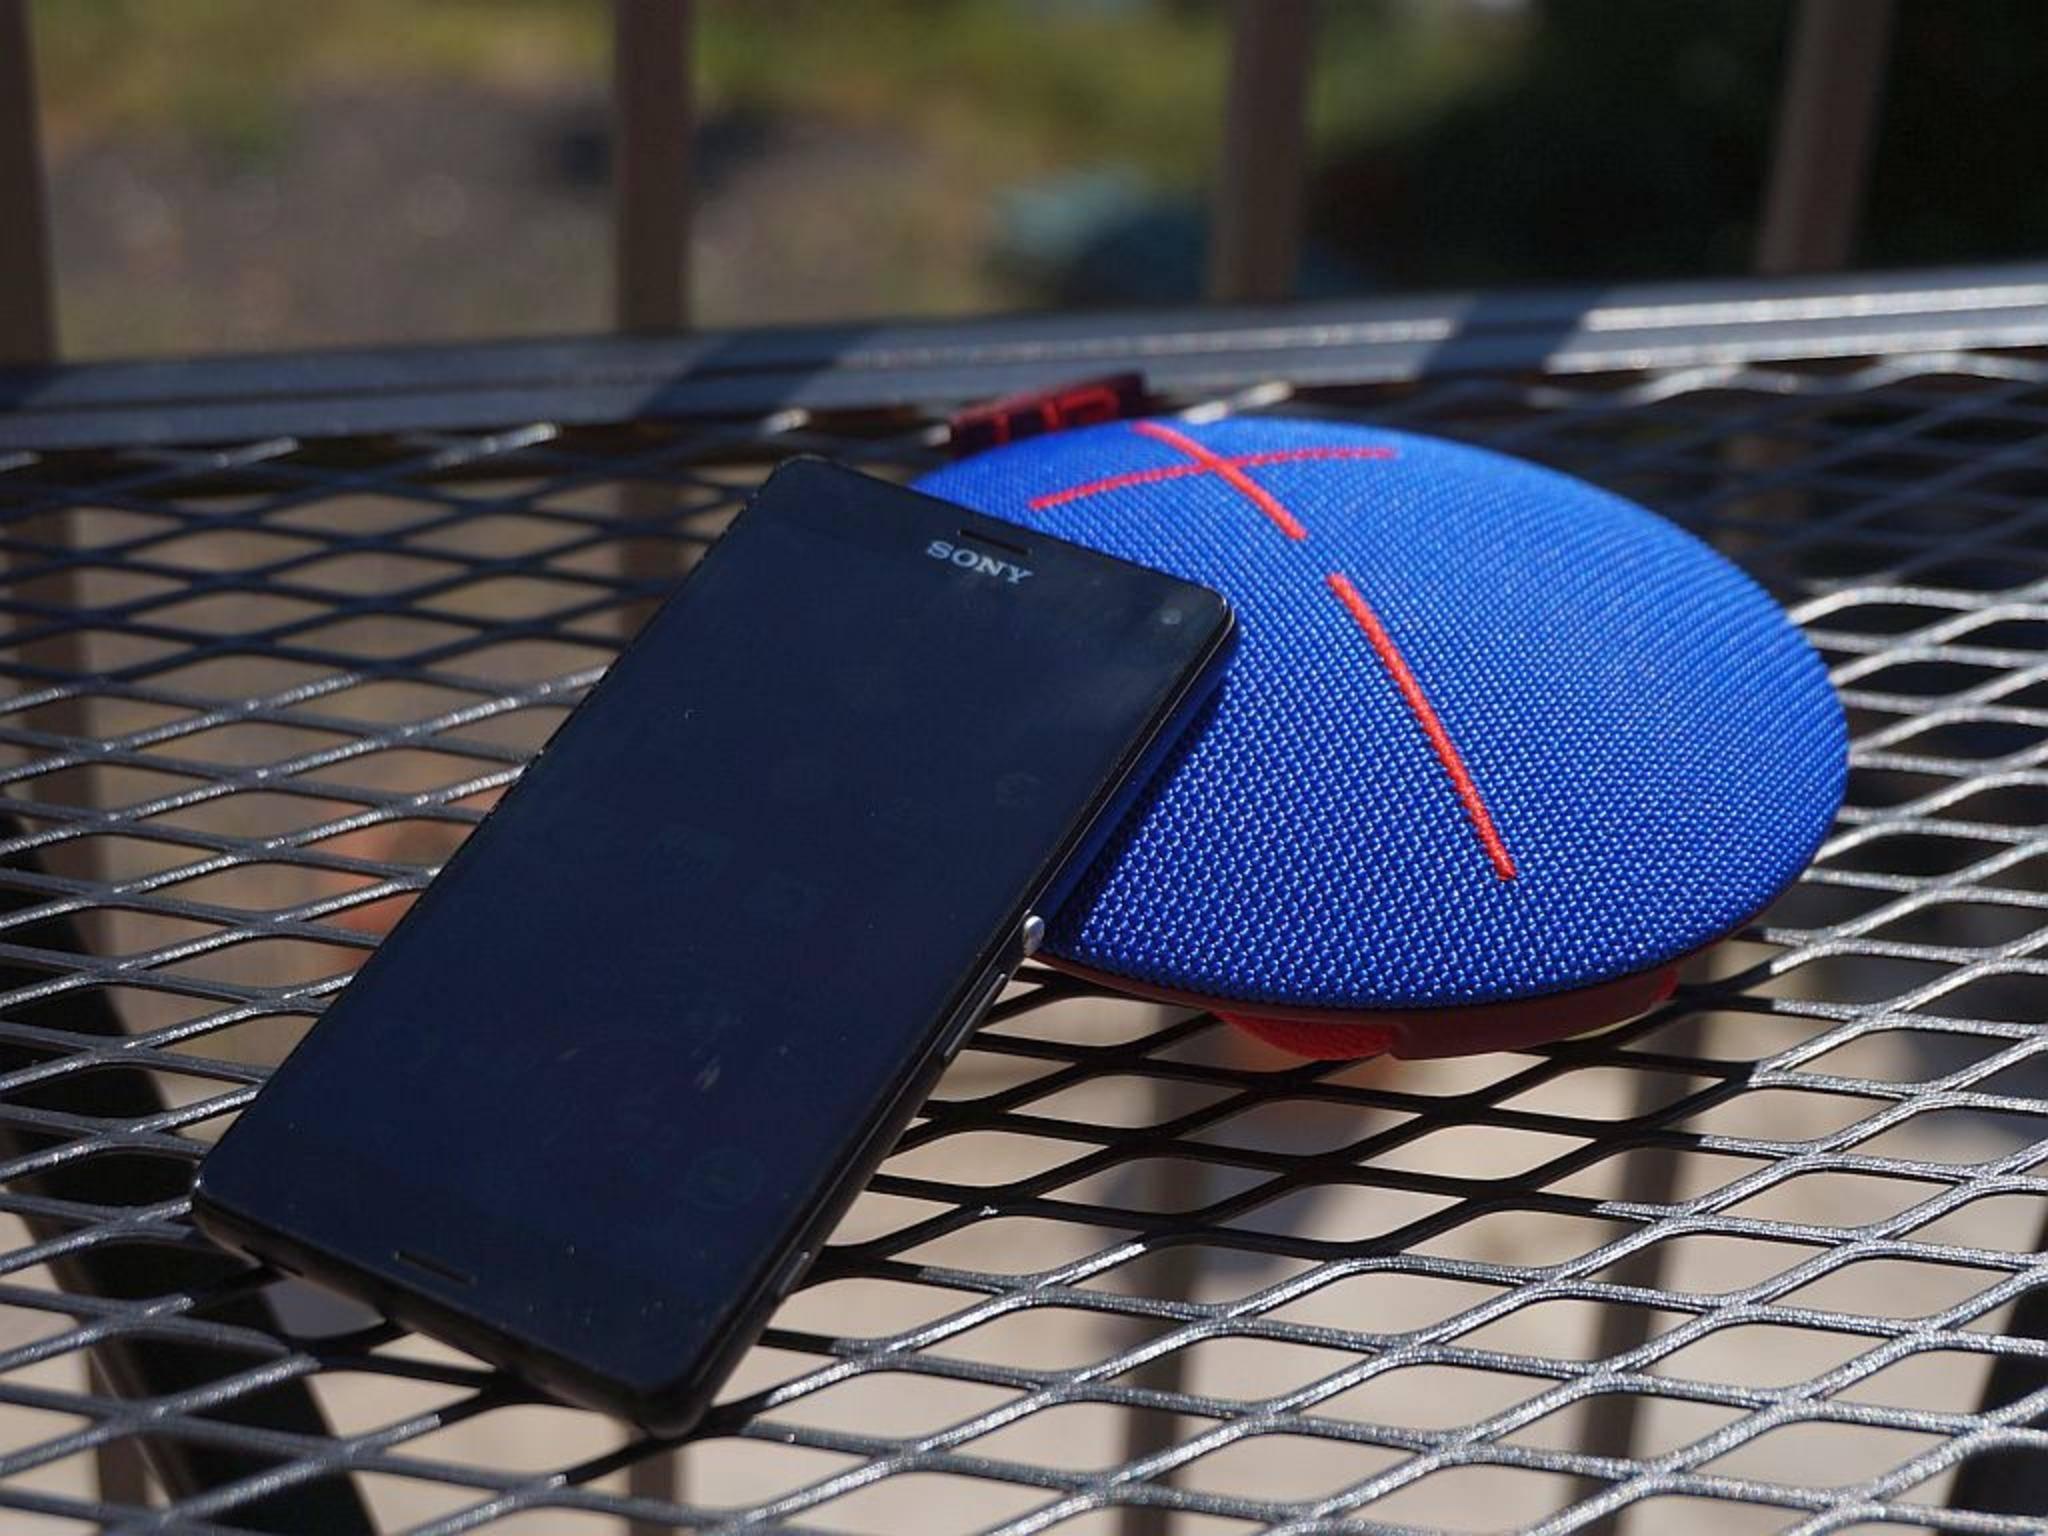 UE Roll lässt sich mit den meisten Smartphones prima betreiben.